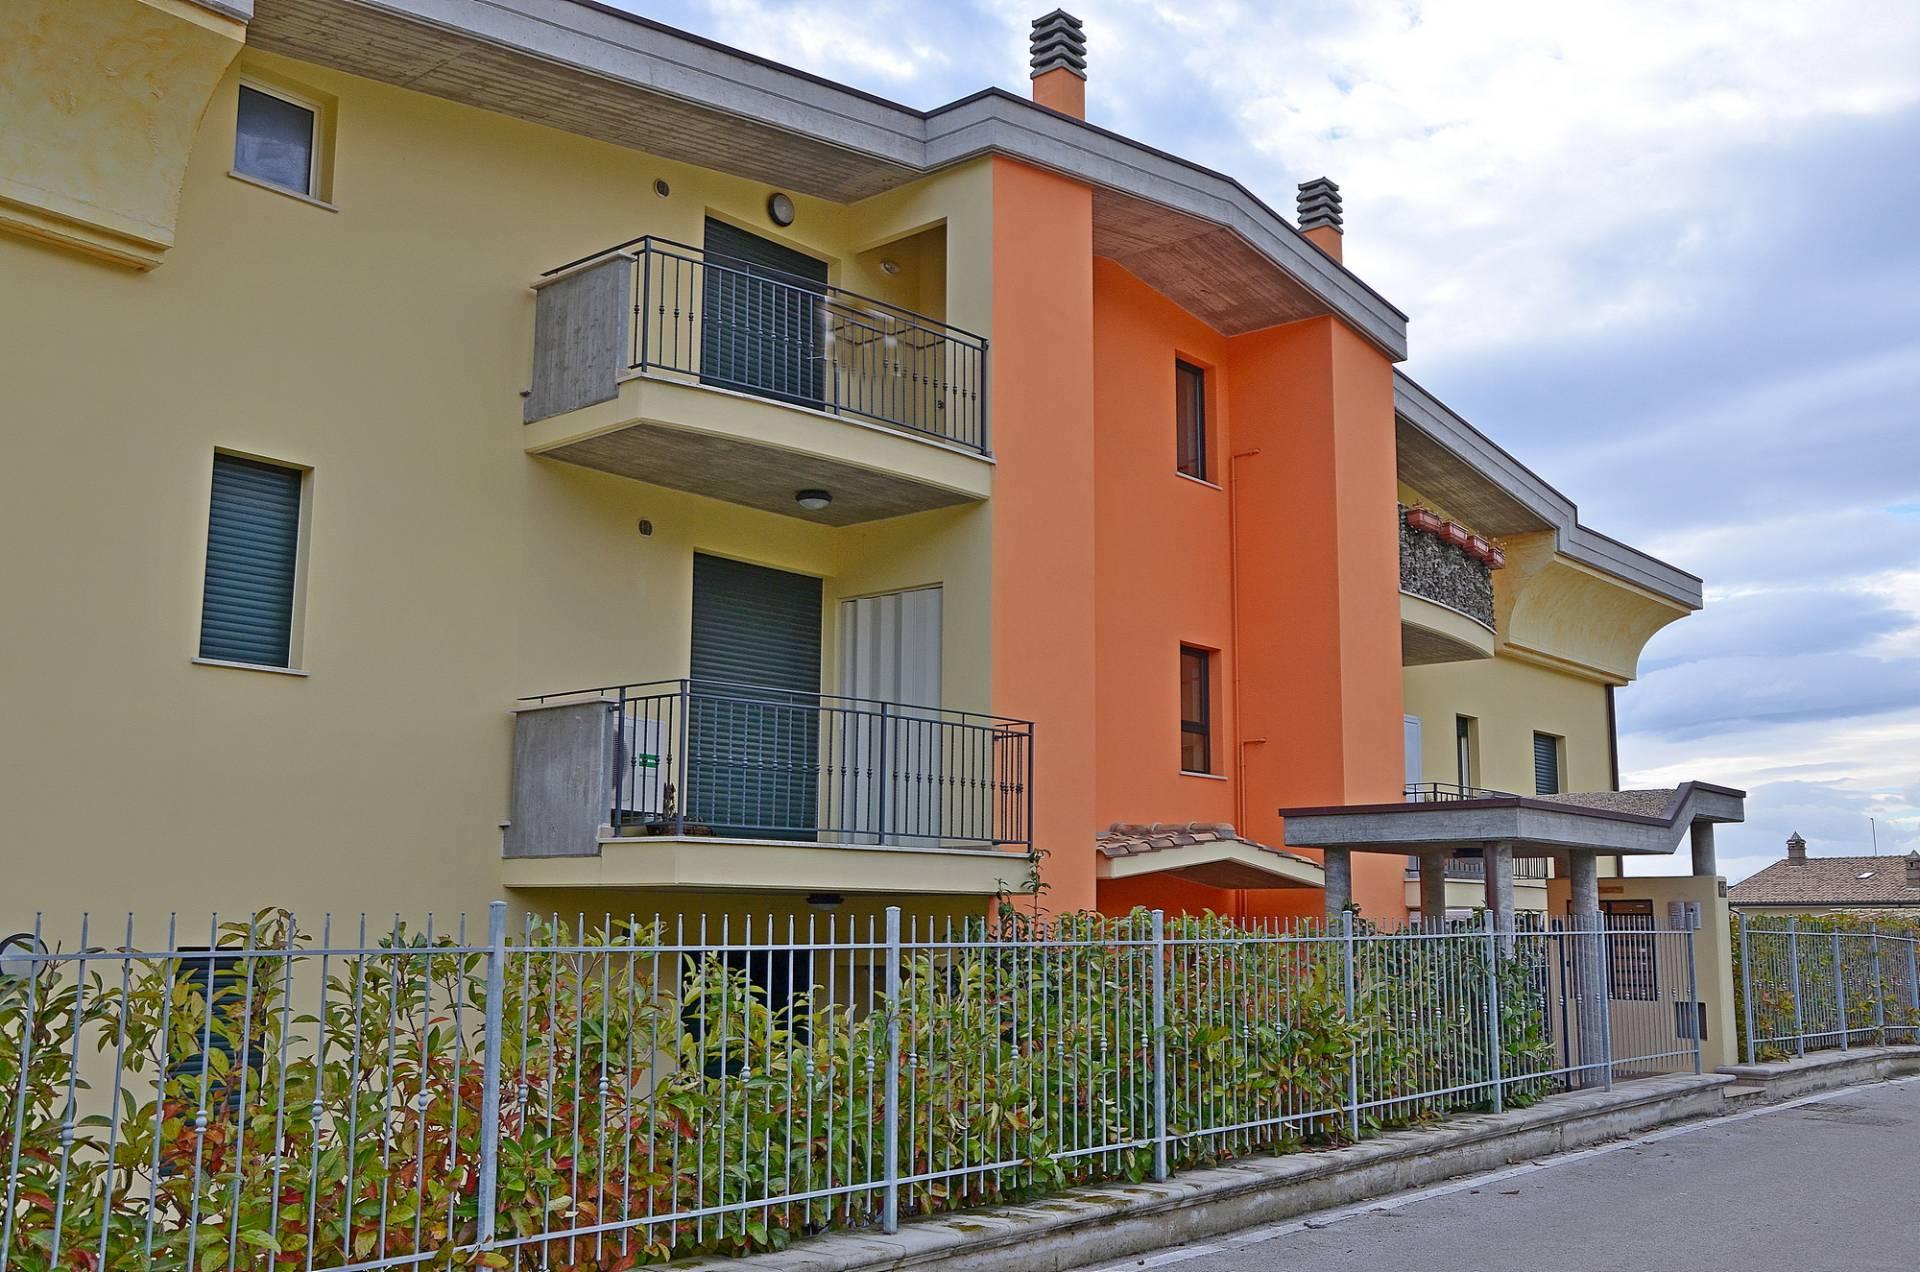 Appartamento in vendita a Città Sant'Angelo, 3 locali, prezzo € 105.000 | Cambio Casa.it